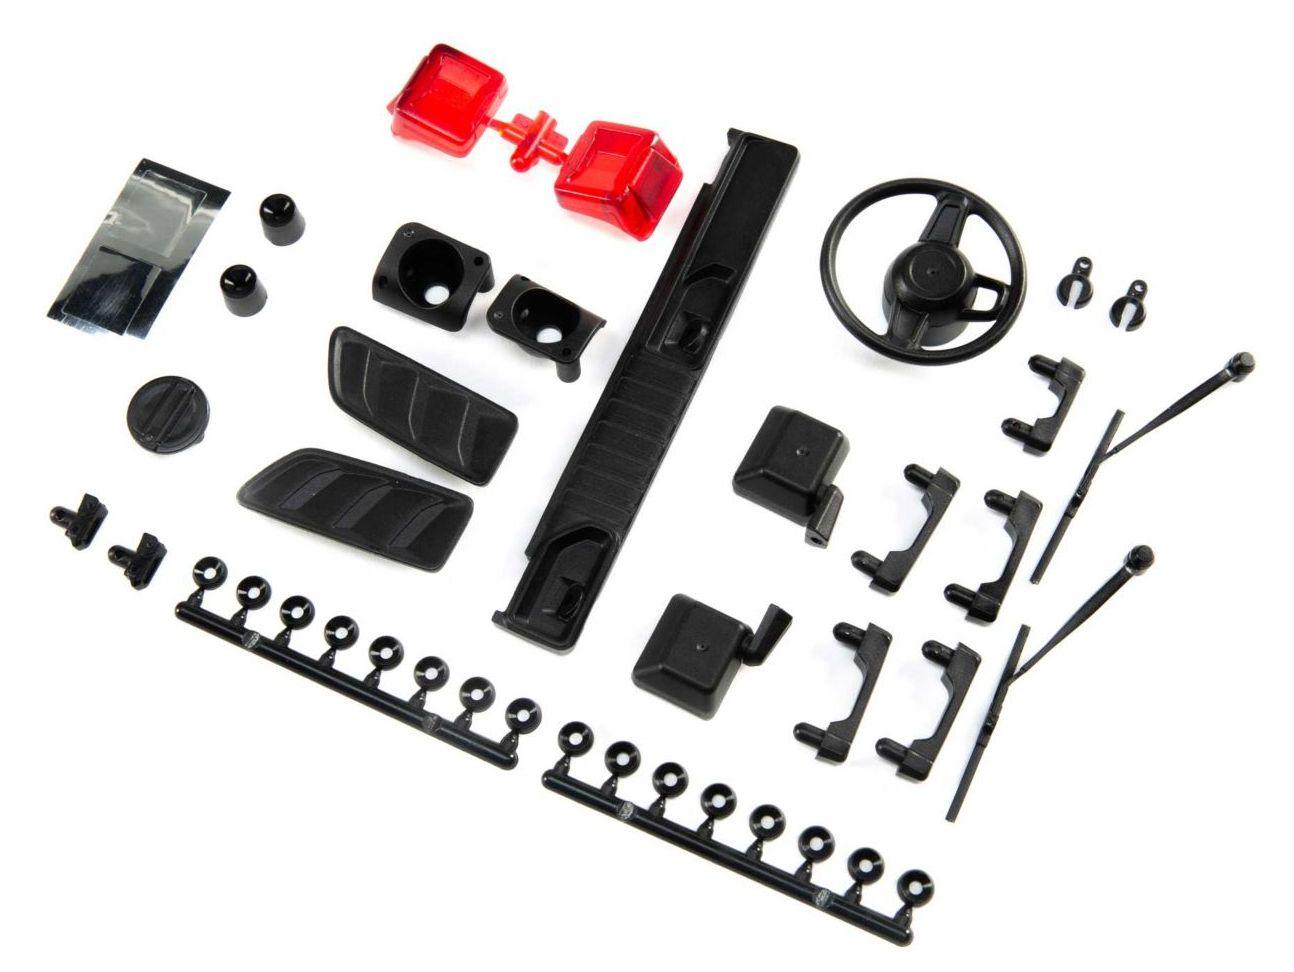 Axial AXI230022 - Exterior Body Detail Parts (Jeep JLU: SCX10 III)